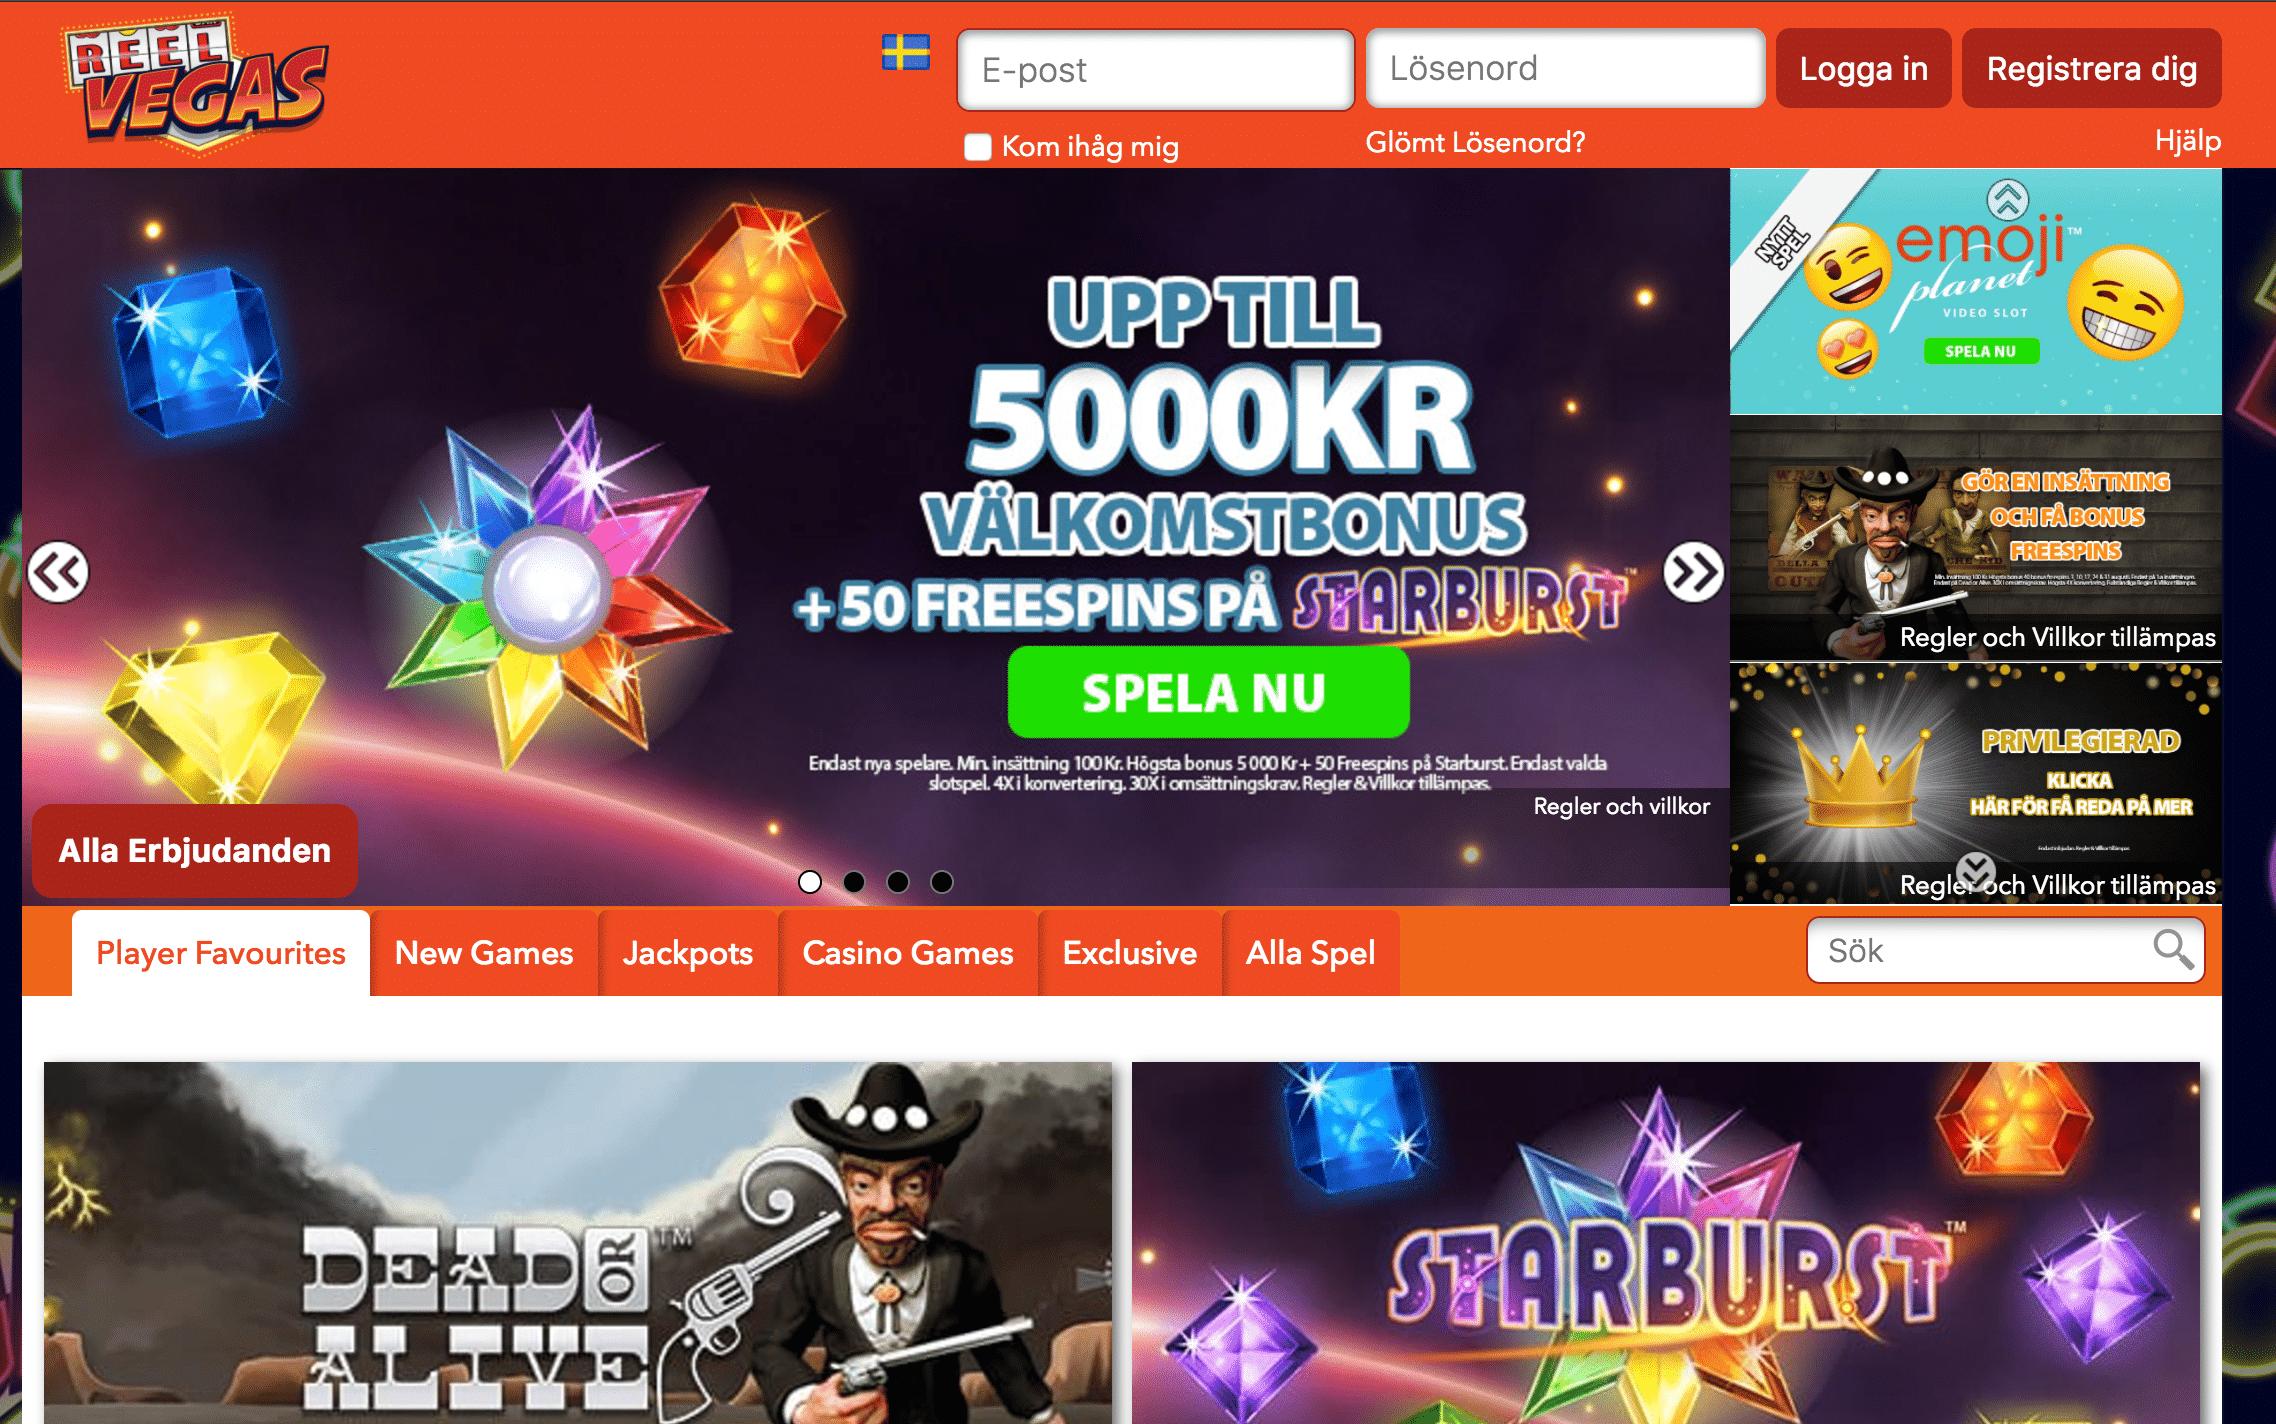 Det färska Vegas-inspirerande casinot bjuder på 5000 kr + 50 free spins